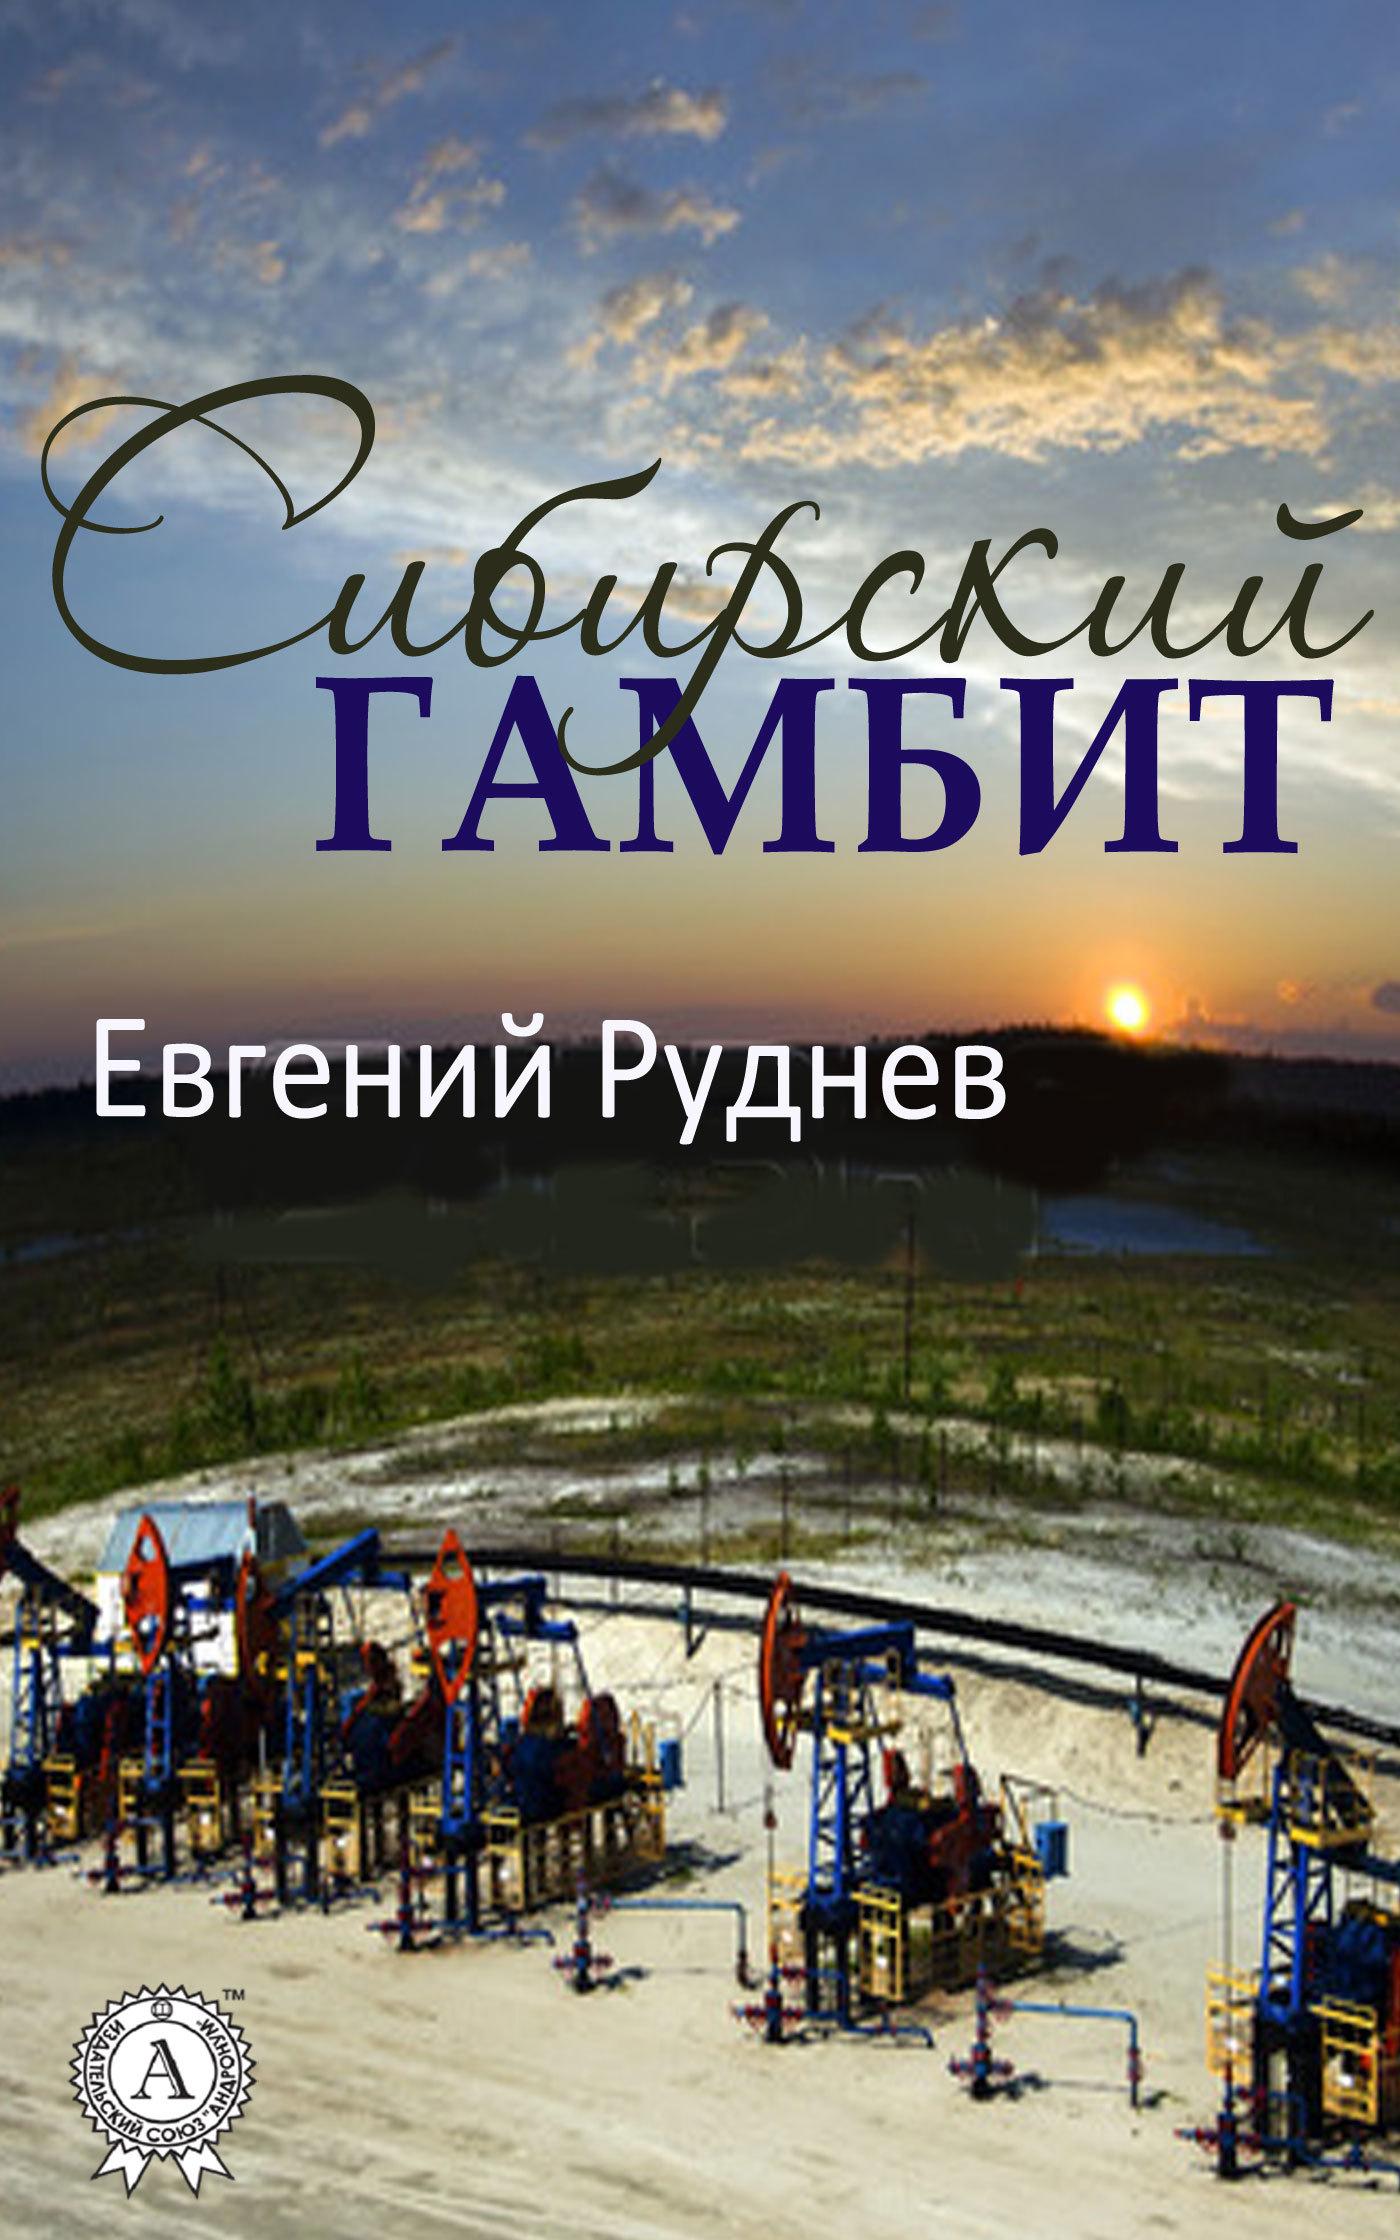 Евгений Руднев Сибирский гамбит евгений арлесков дети ирадуга